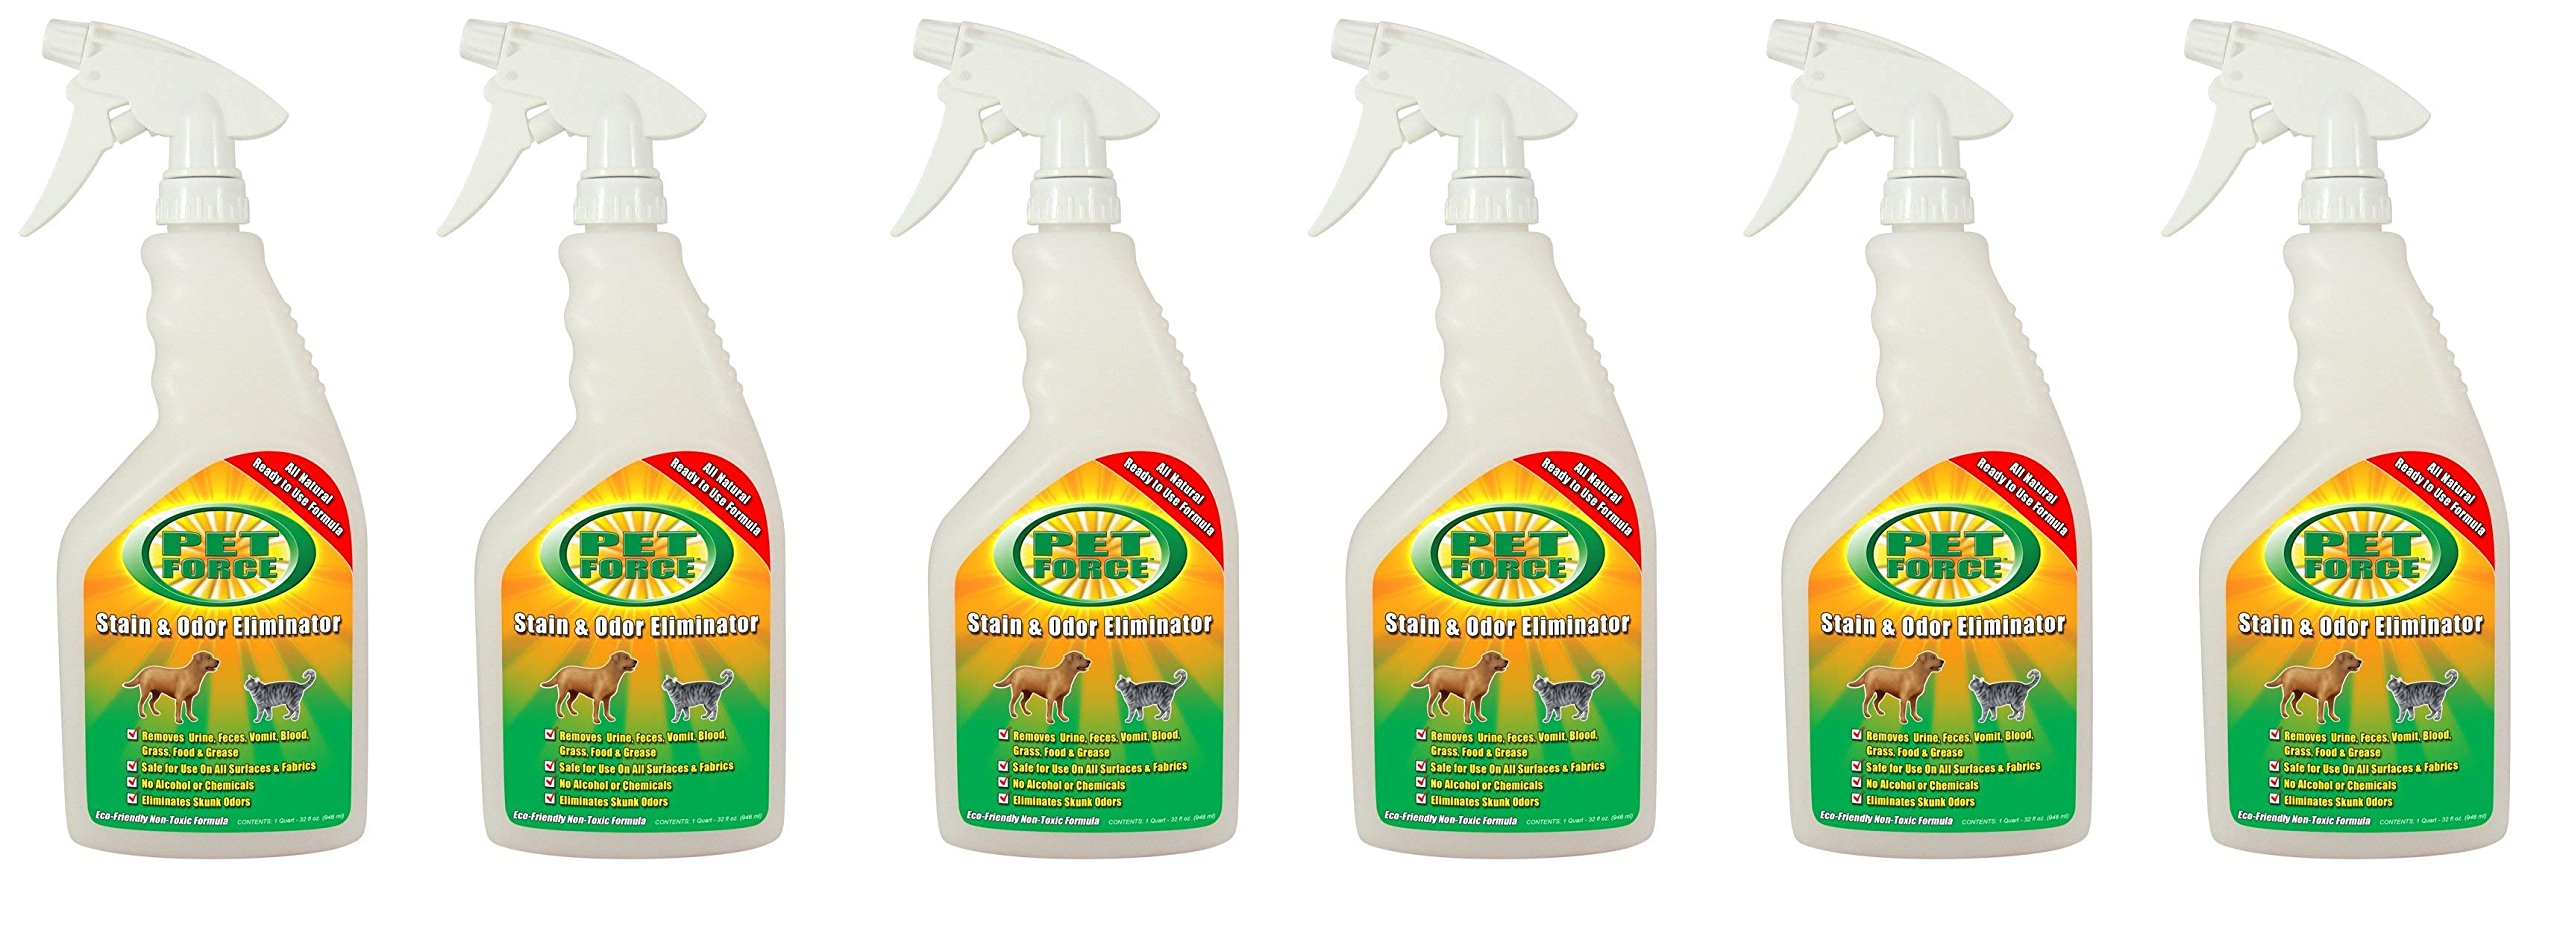 Valterra ® V33005 'Pet Force' Pet Stain and Odor Eliminator - 32 oz. Spray Bottle (6)